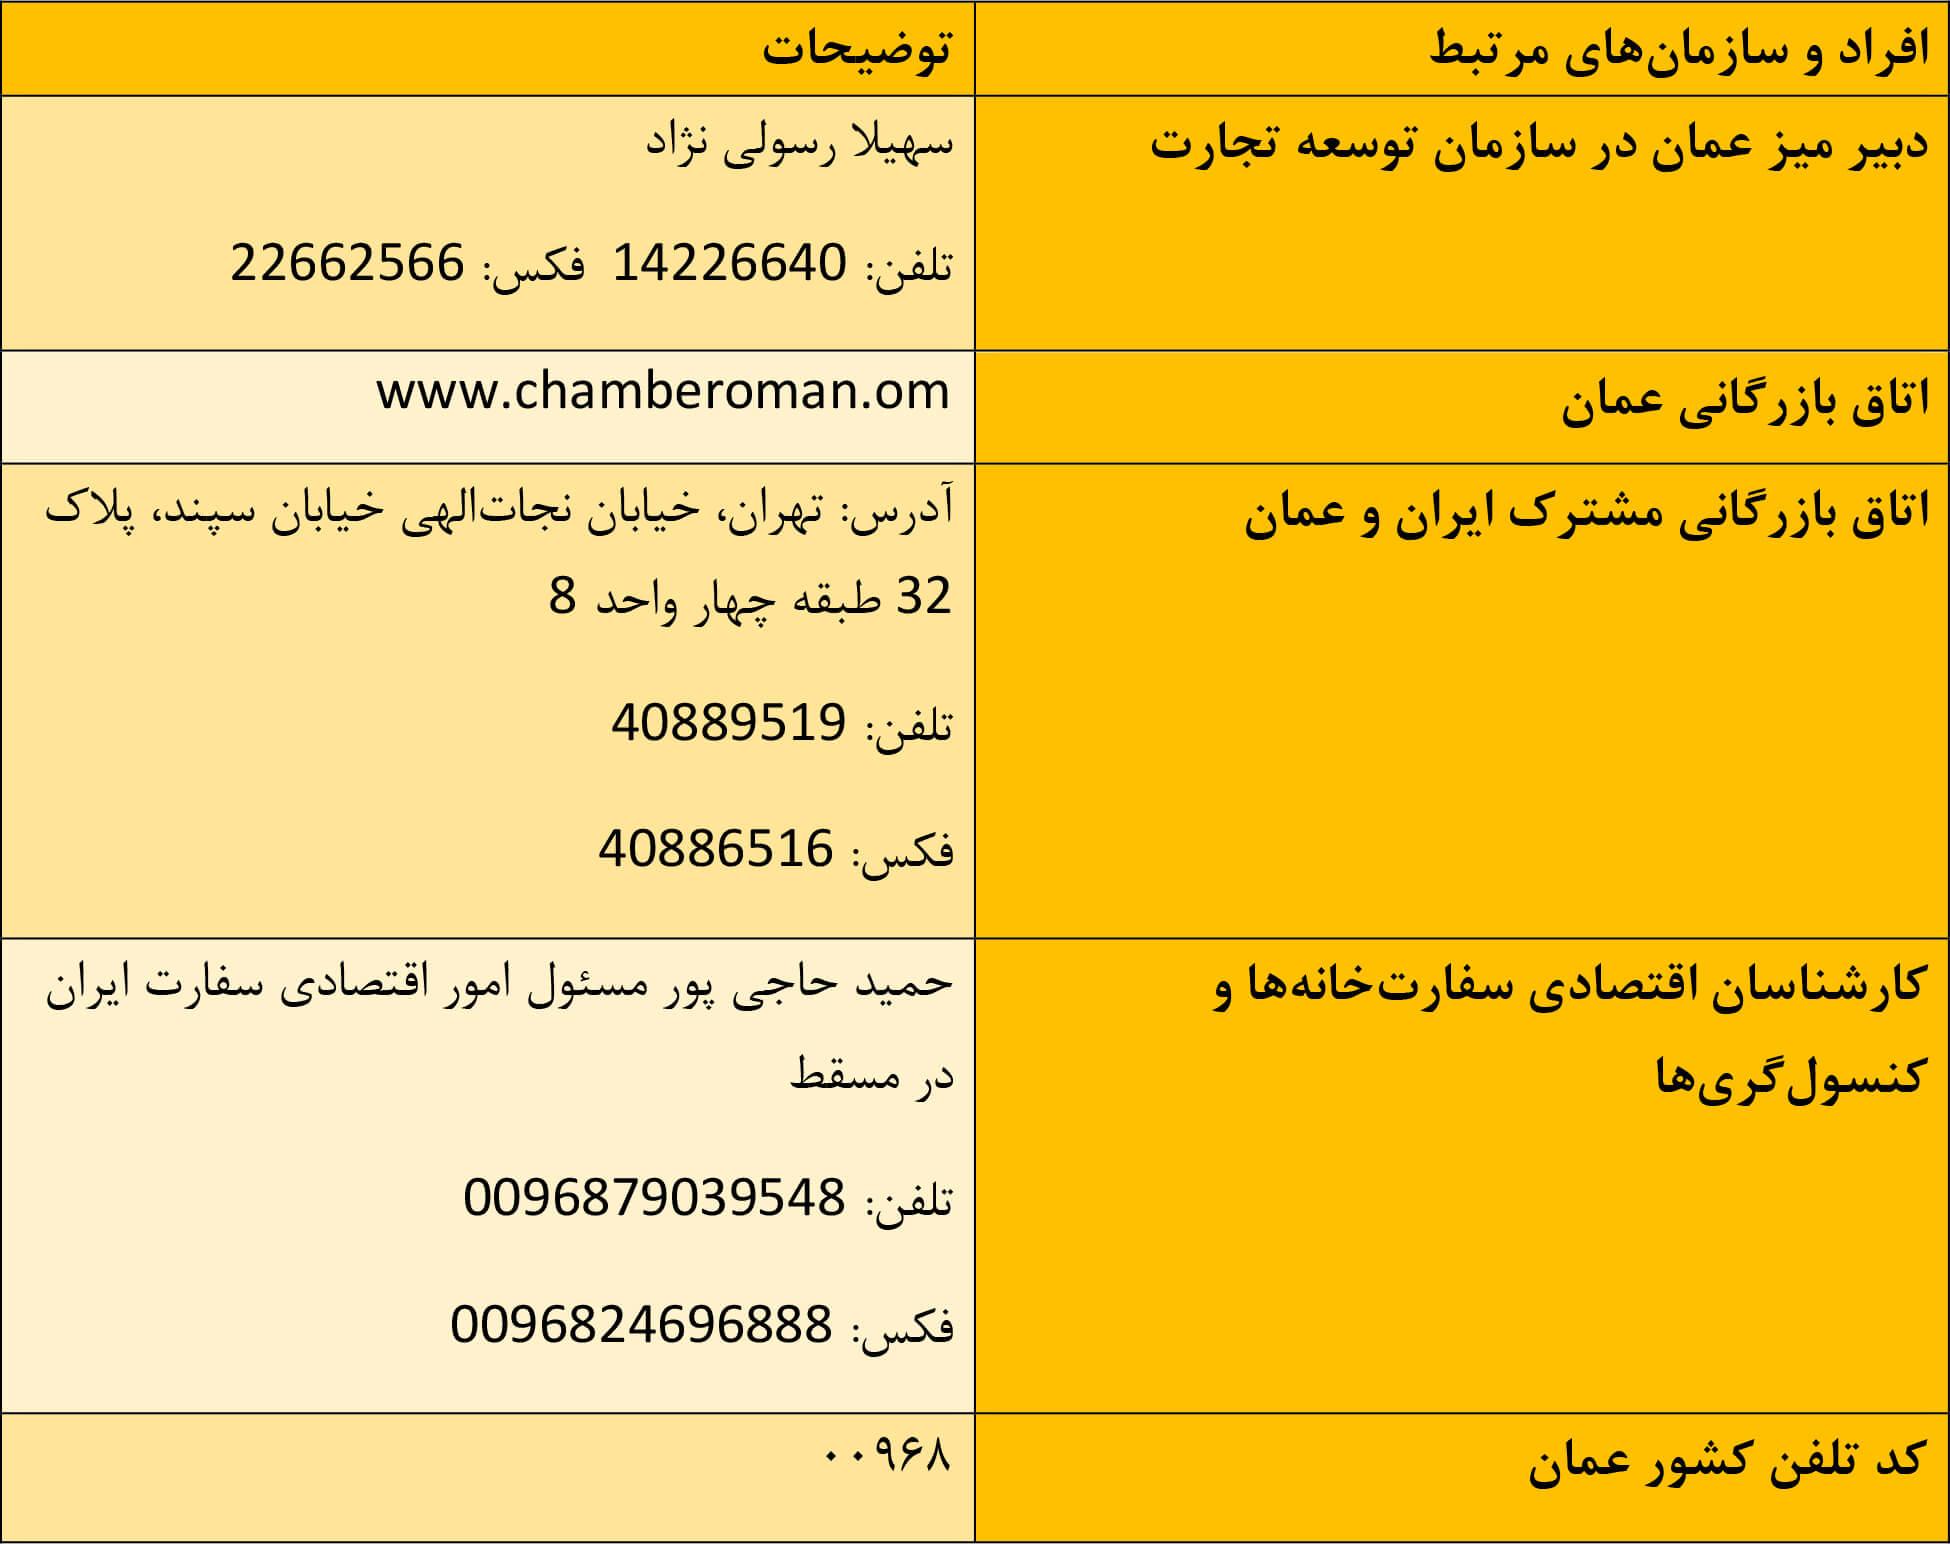 اتاق بازرگانی و سازمانهای اقتصادی عمان